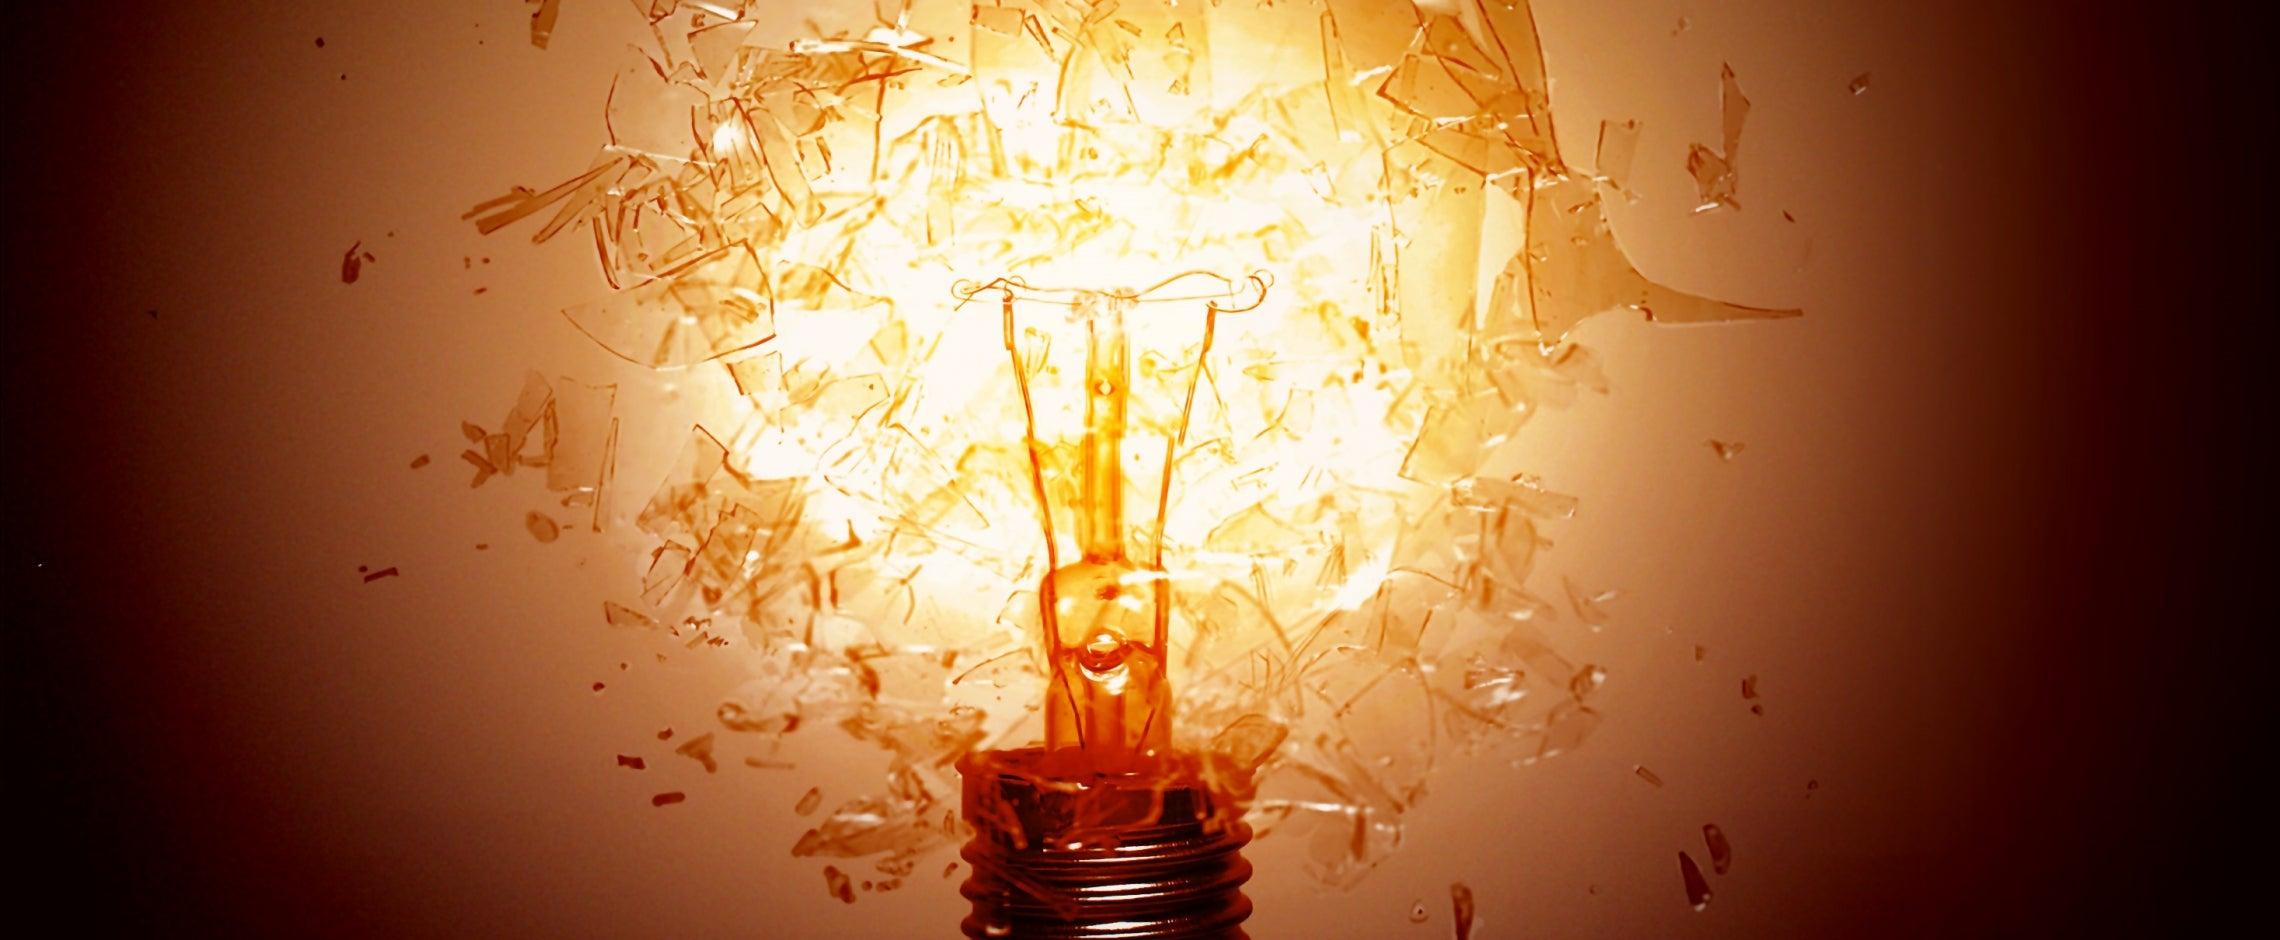 light bulb shattering